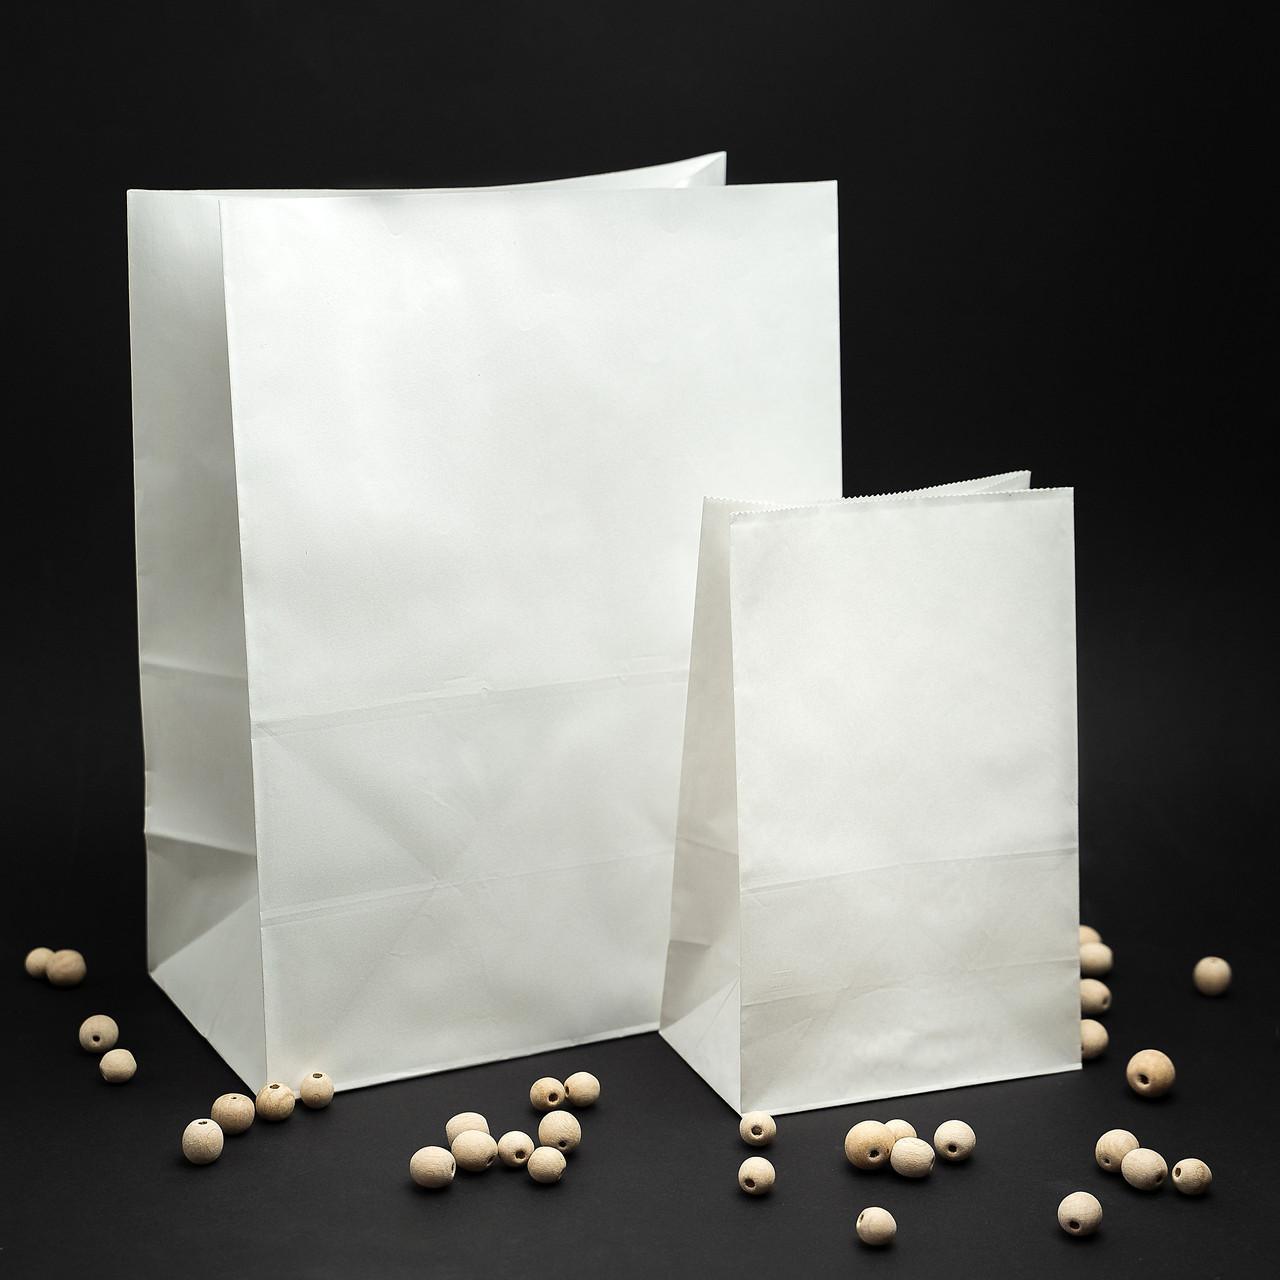 Пакет паперовий білий 150*90*240 мм з плоским дном, упаковка 500 штук